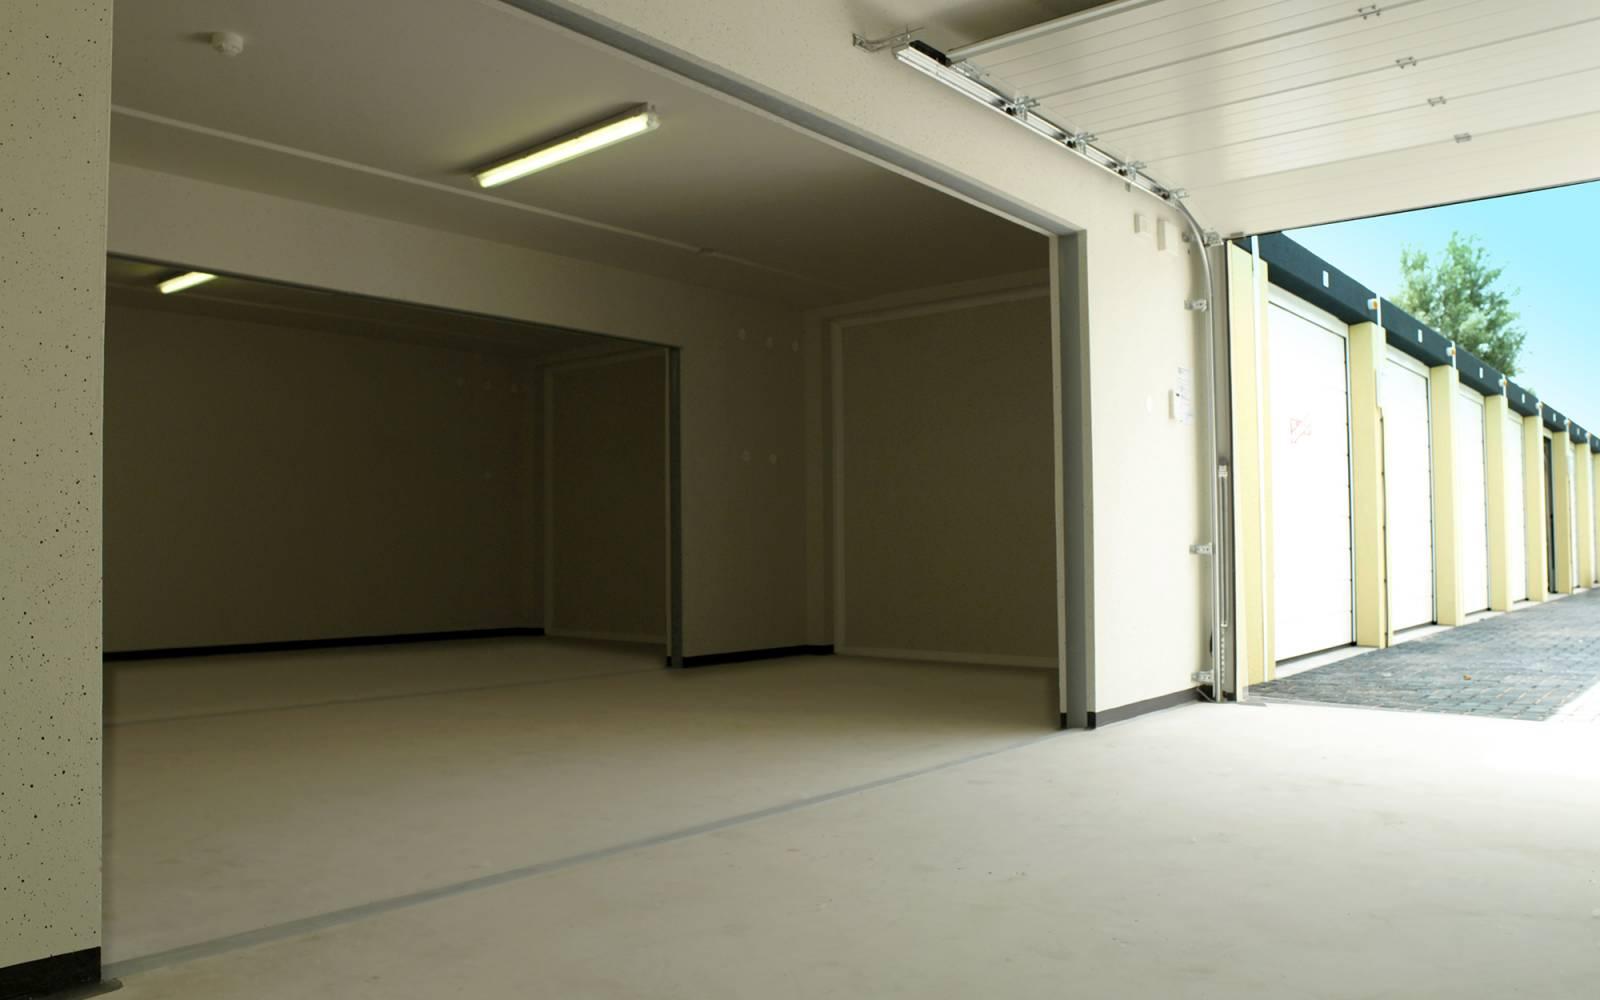 Garage Huren Apeldoorn : Garagepark apeldoorn xxl 0 apeldoorn bedrijfsruimte huren